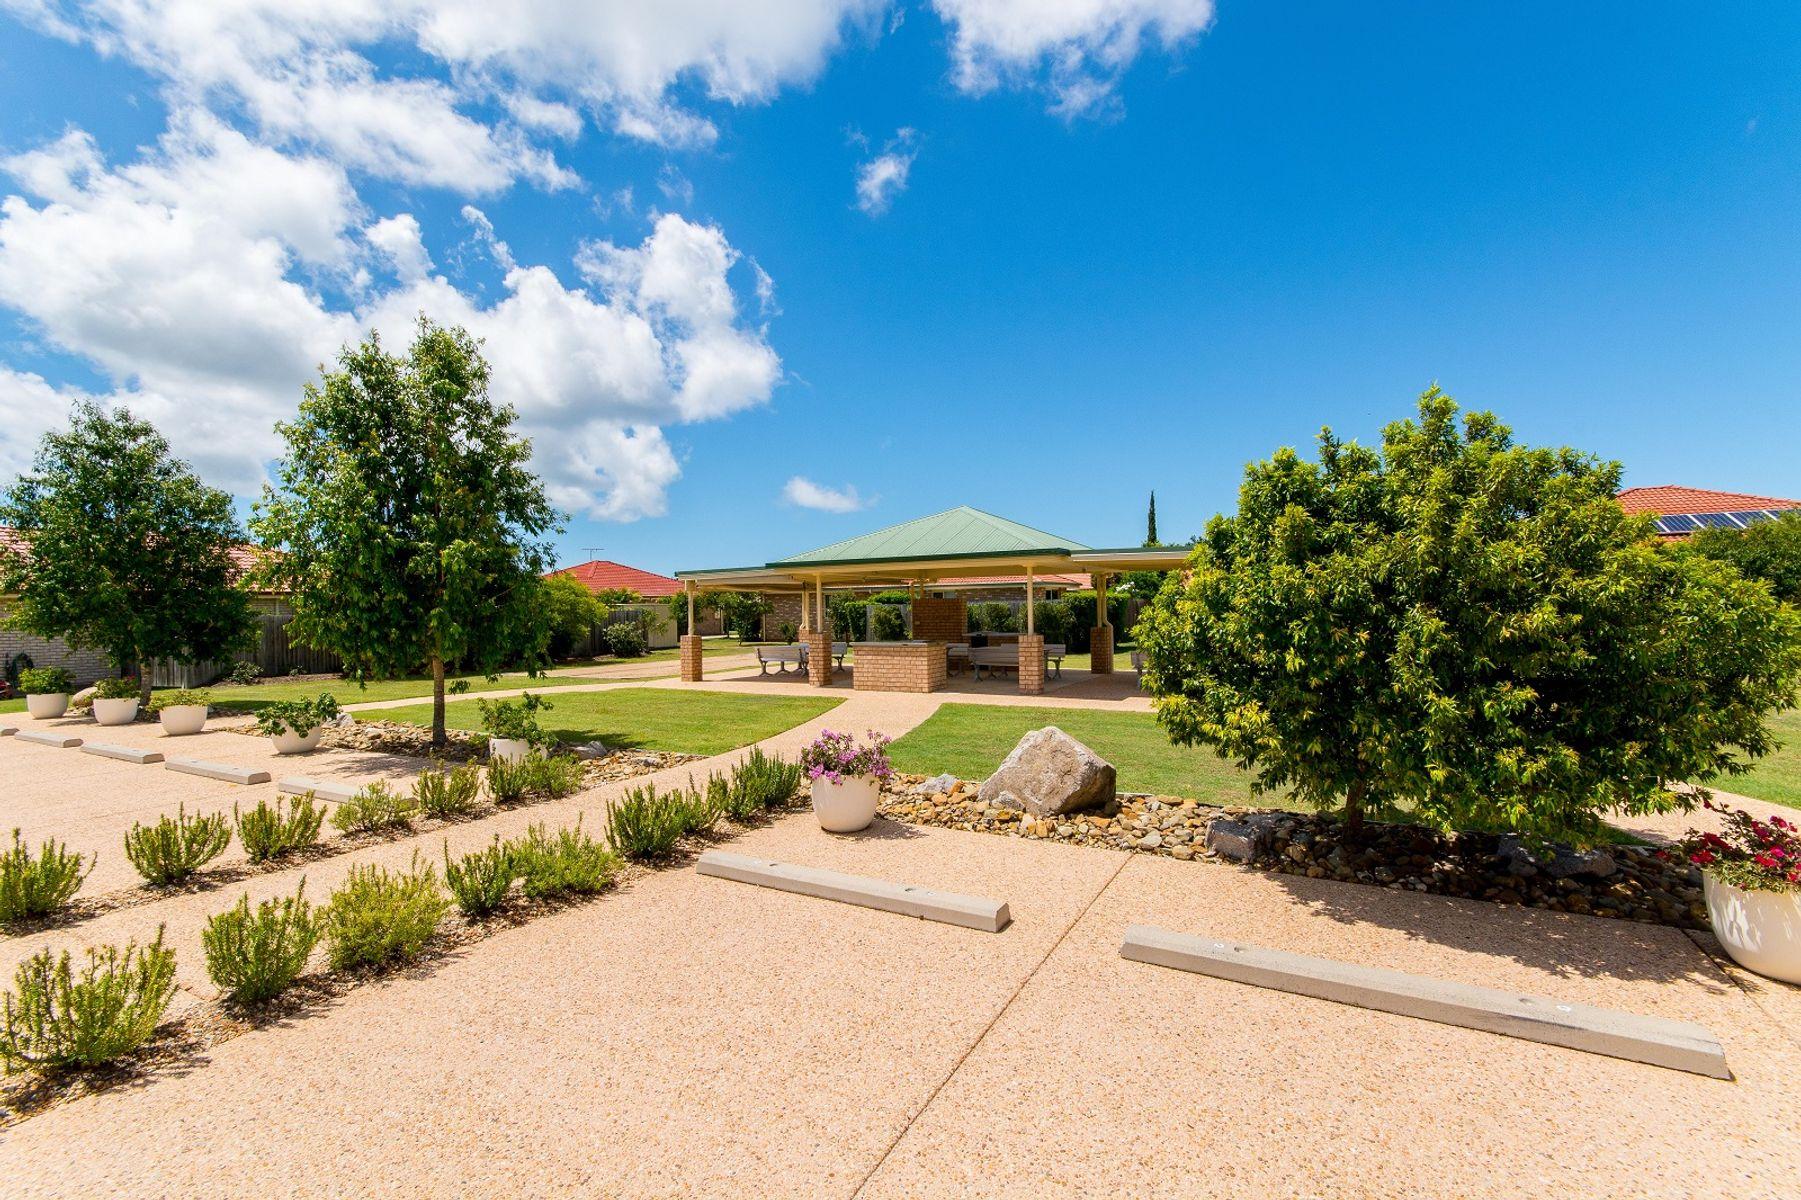 136/210 Bestmann Road, Sandstone Point, QLD 4511